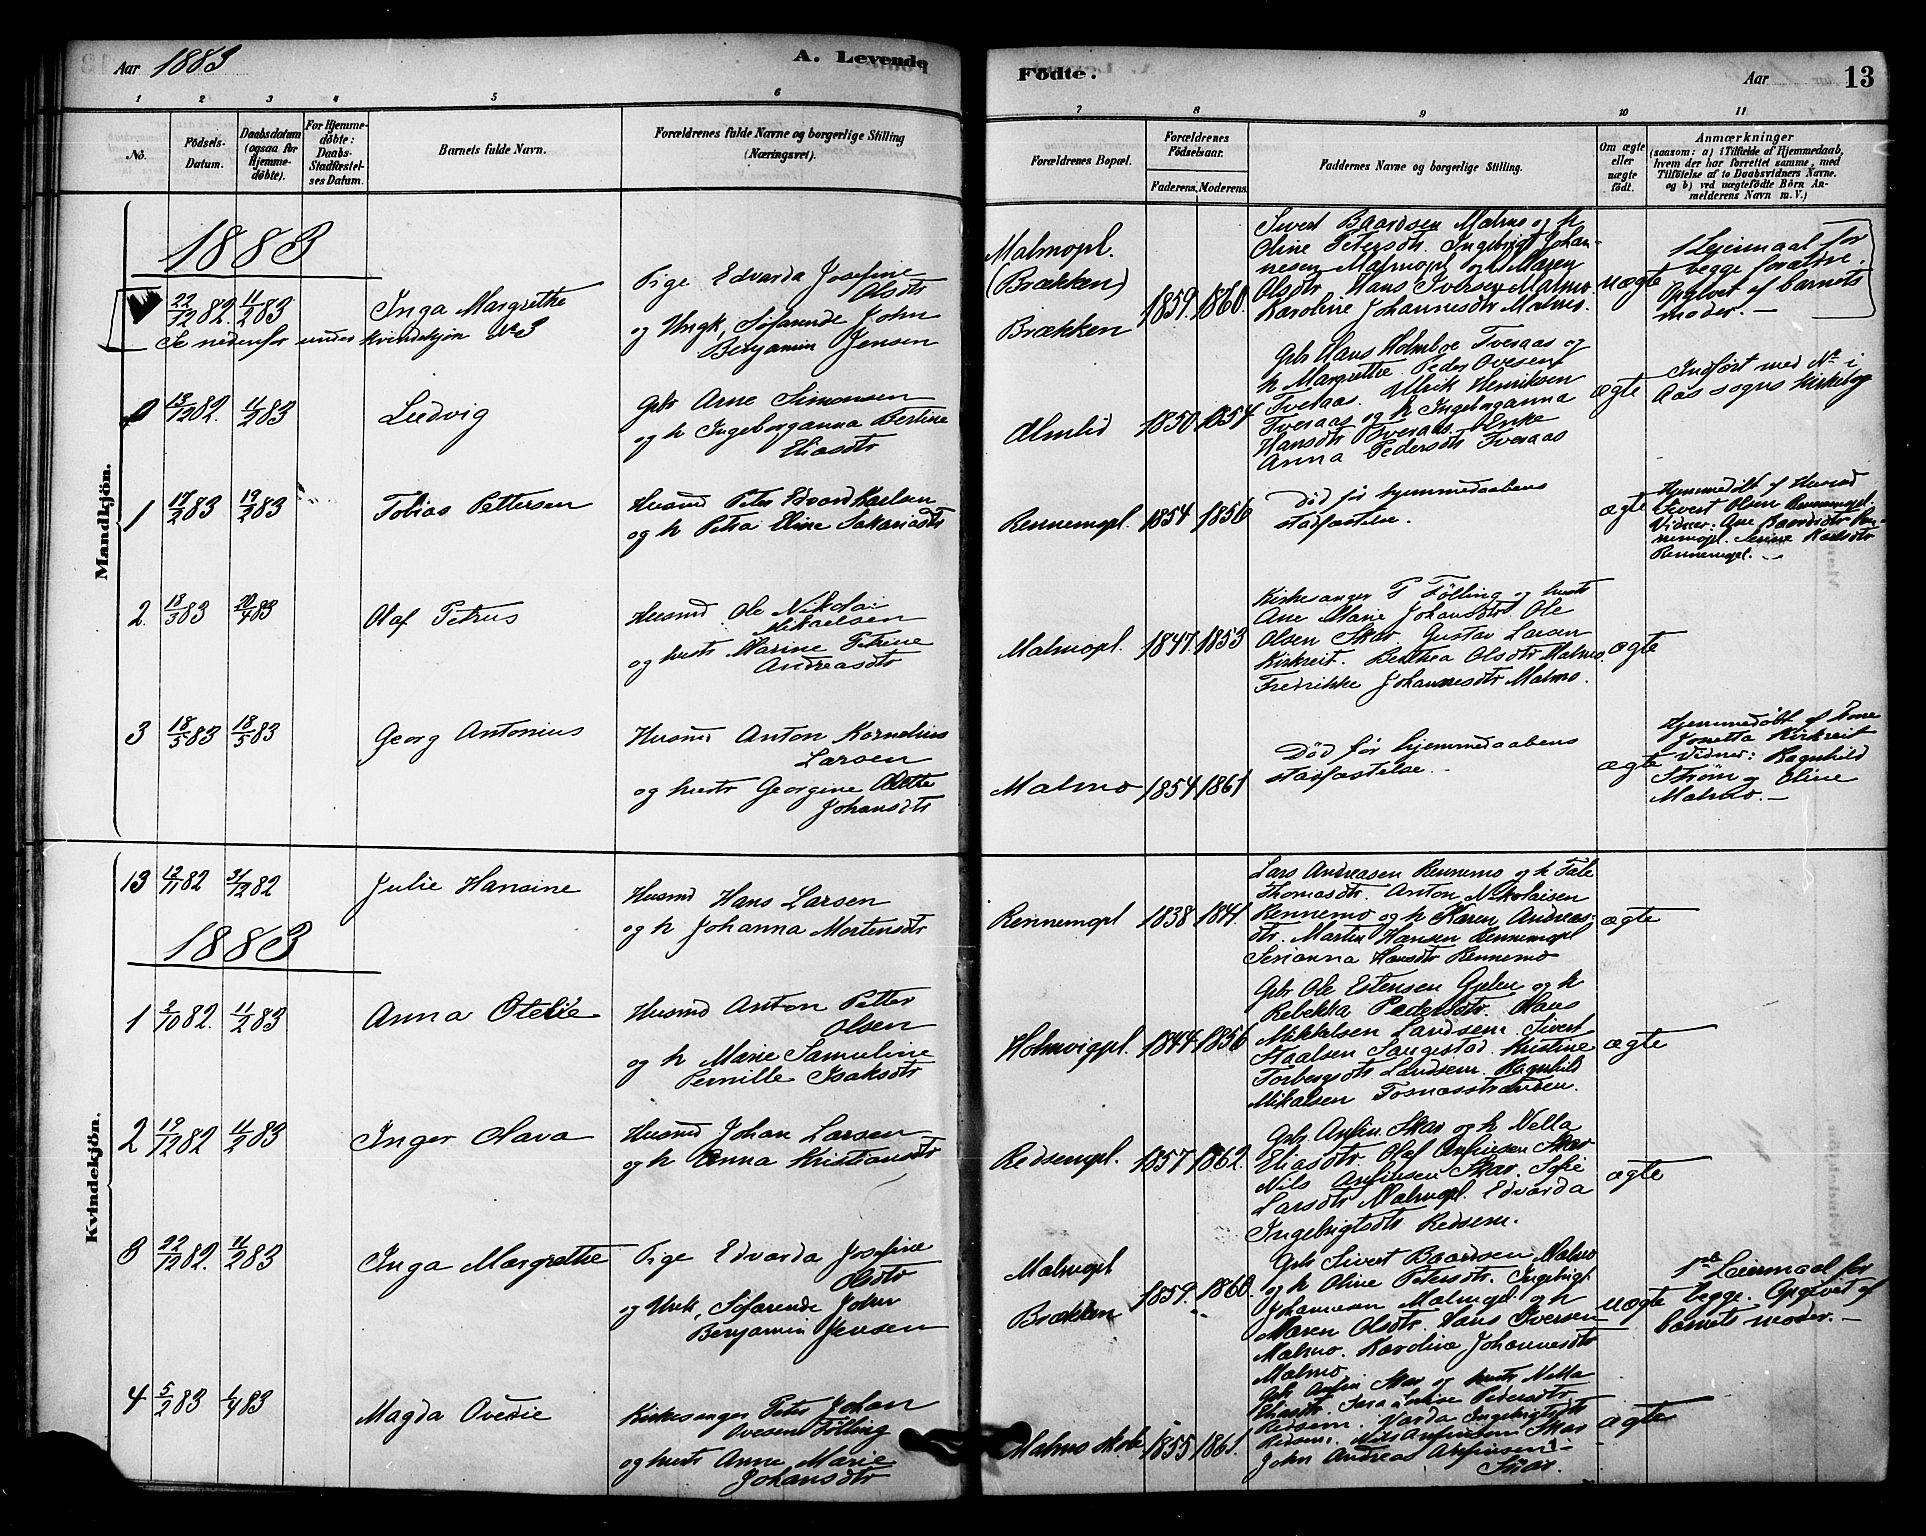 SAT, Ministerialprotokoller, klokkerbøker og fødselsregistre - Nord-Trøndelag, 745/L0429: Ministerialbok nr. 745A01, 1878-1894, s. 13